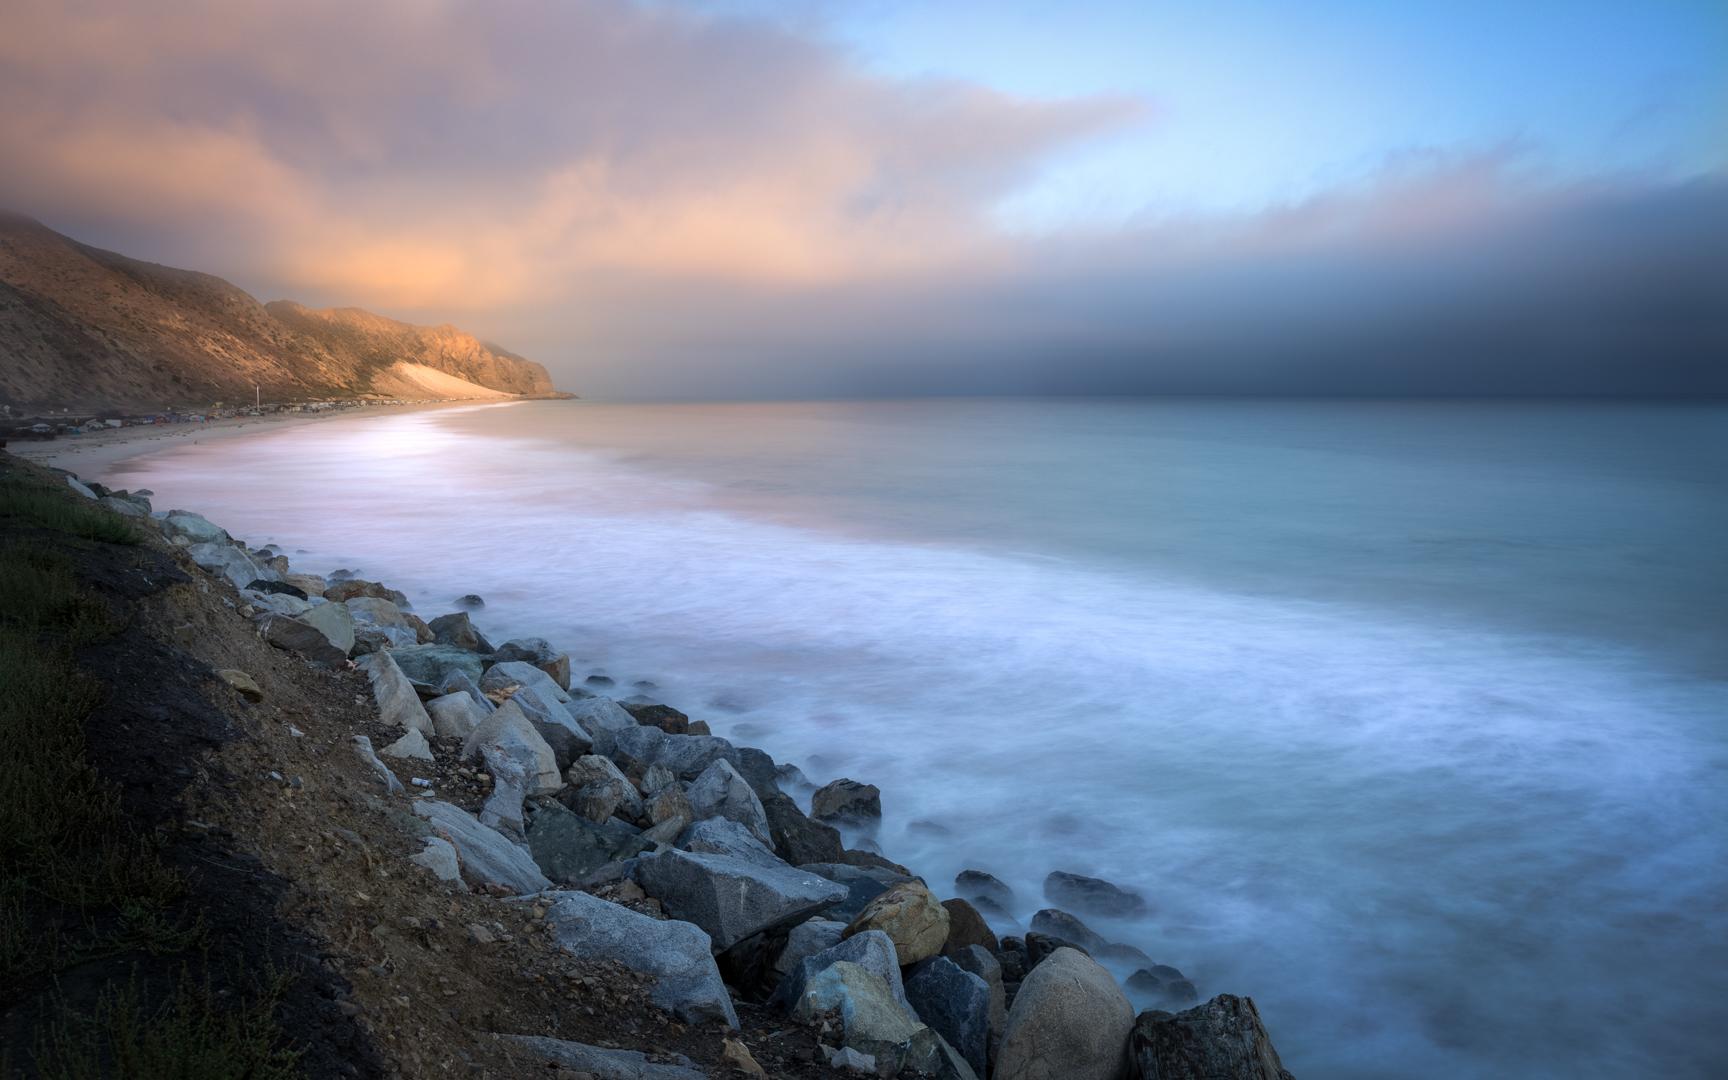 Malibu Beach Sunsets